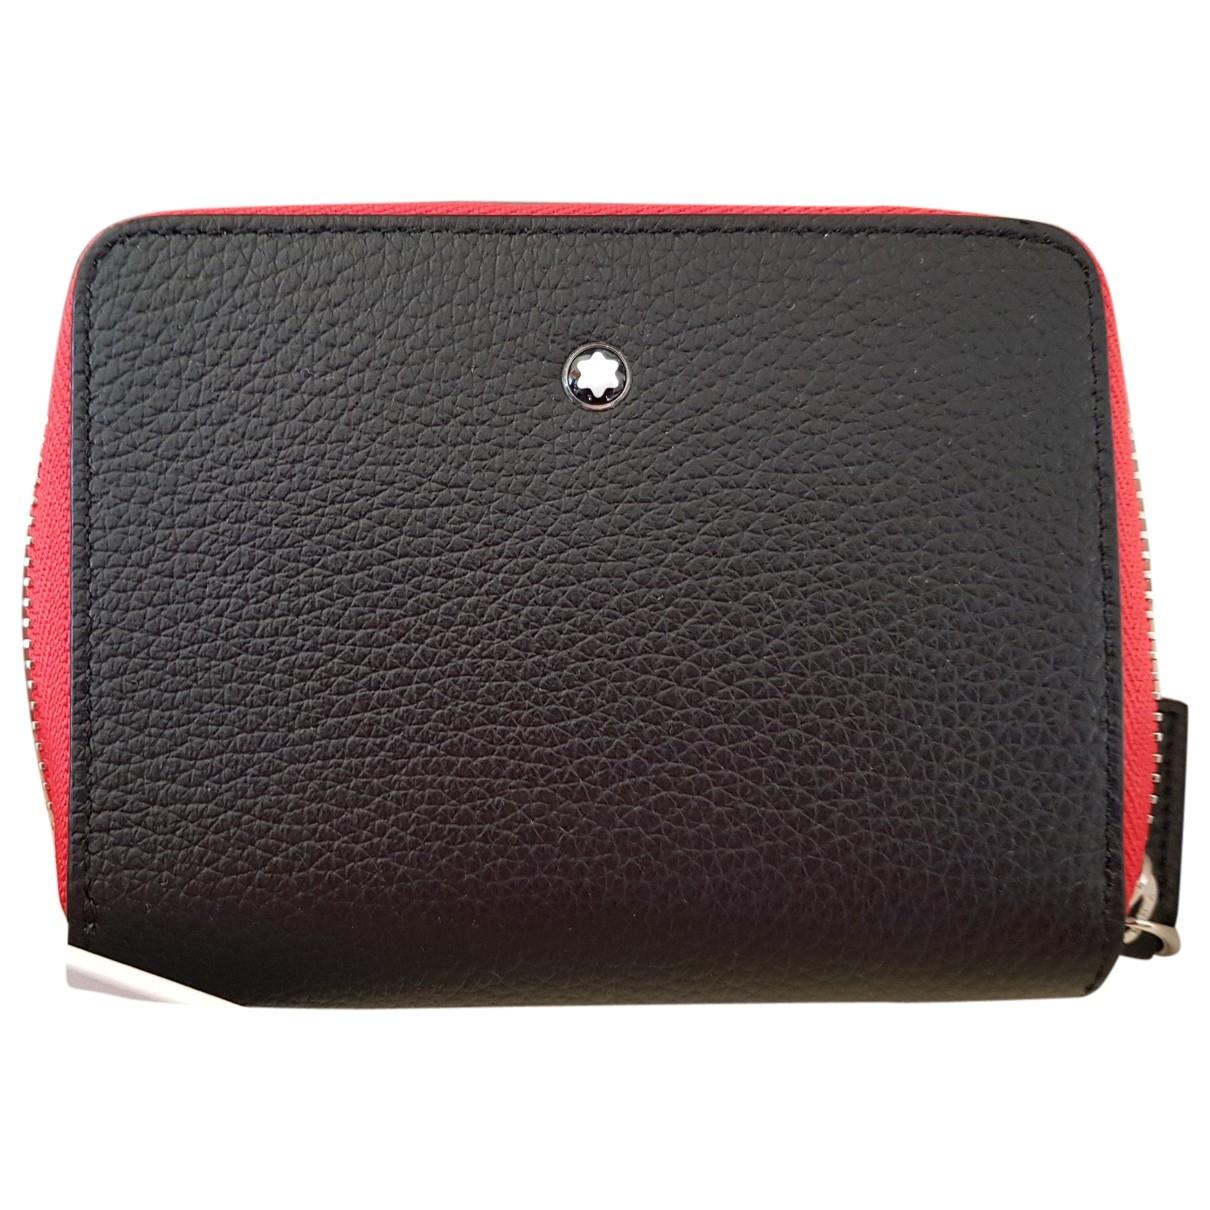 Montblanc - Portefeuille   pour femme en cuir - multicolore